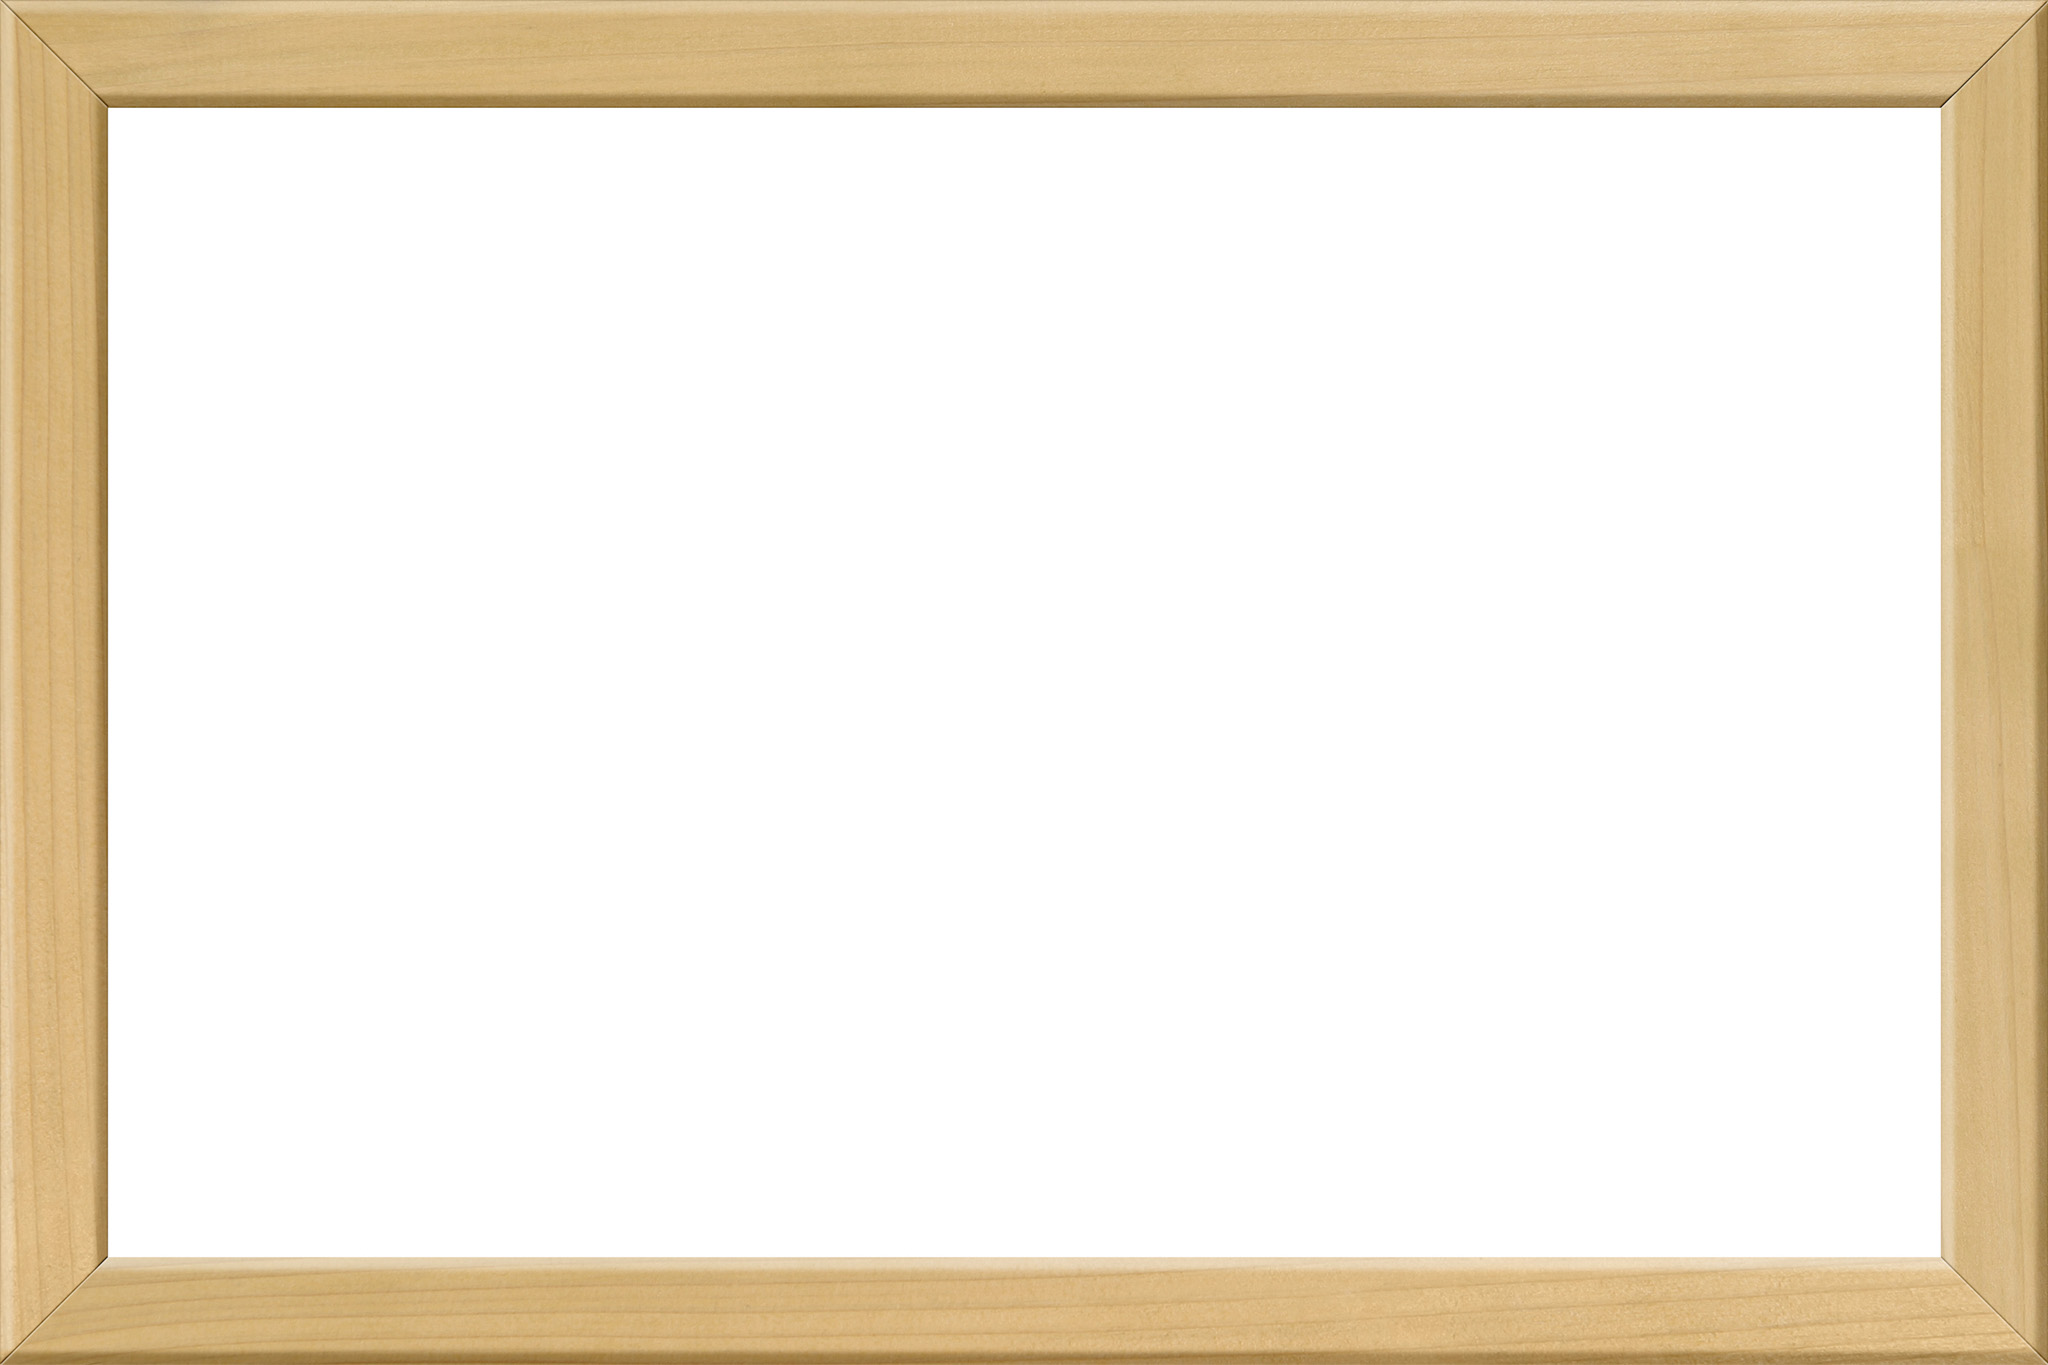 「木の額縁素材」の画像を無料ダウンロード